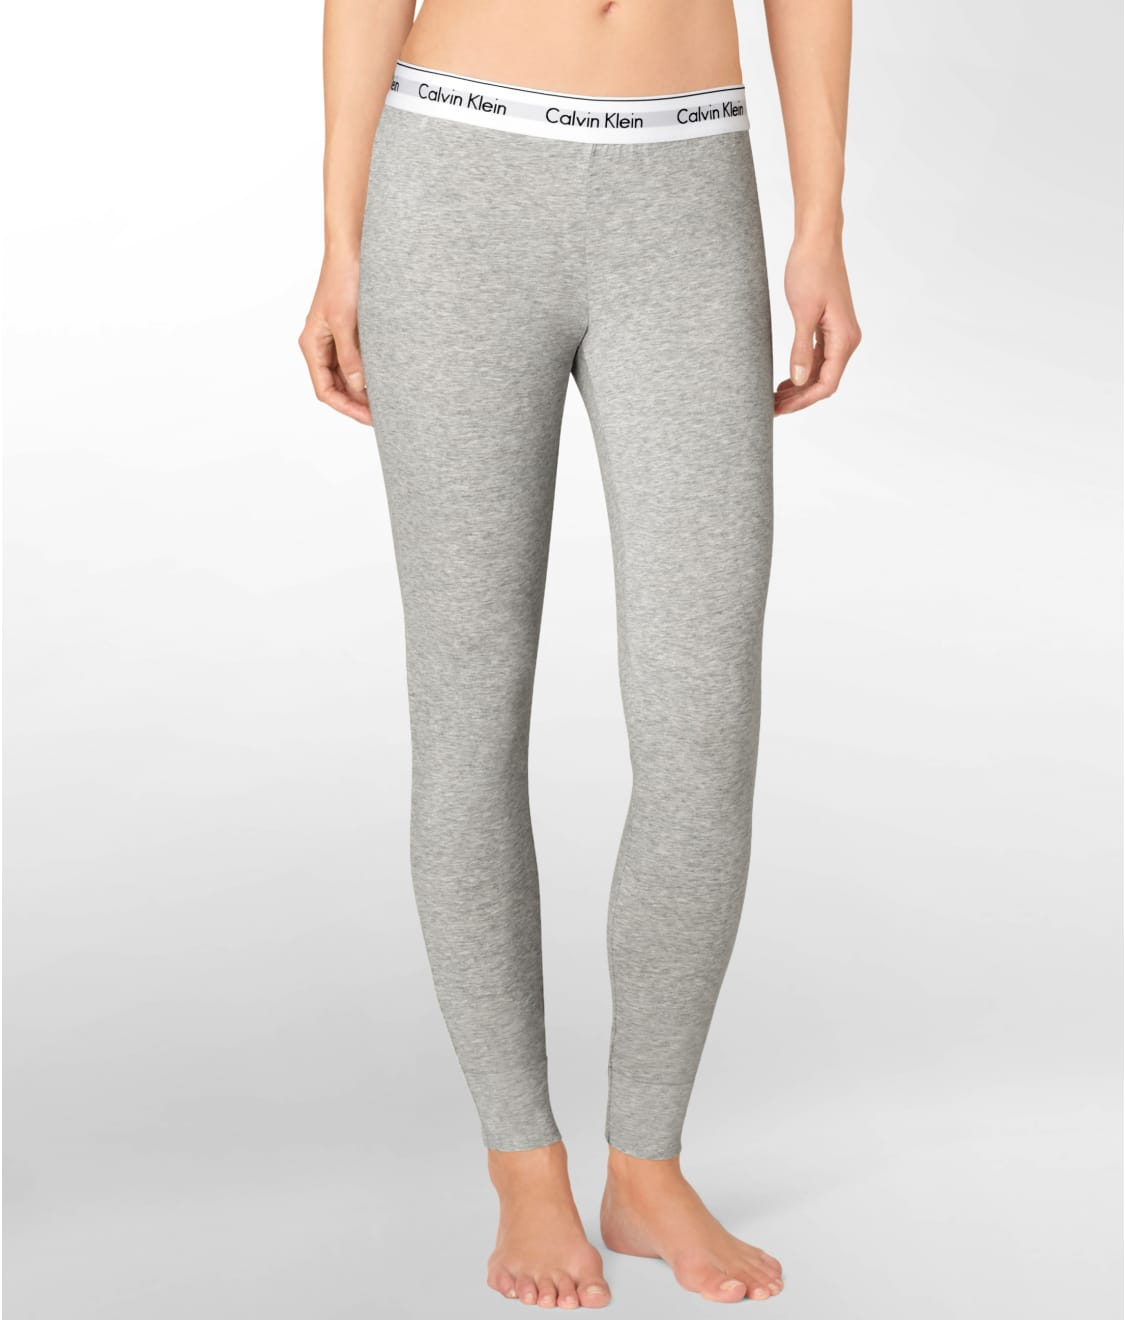 7e4df7050e Calvin Klein Modern Cotton Pajama Leggings